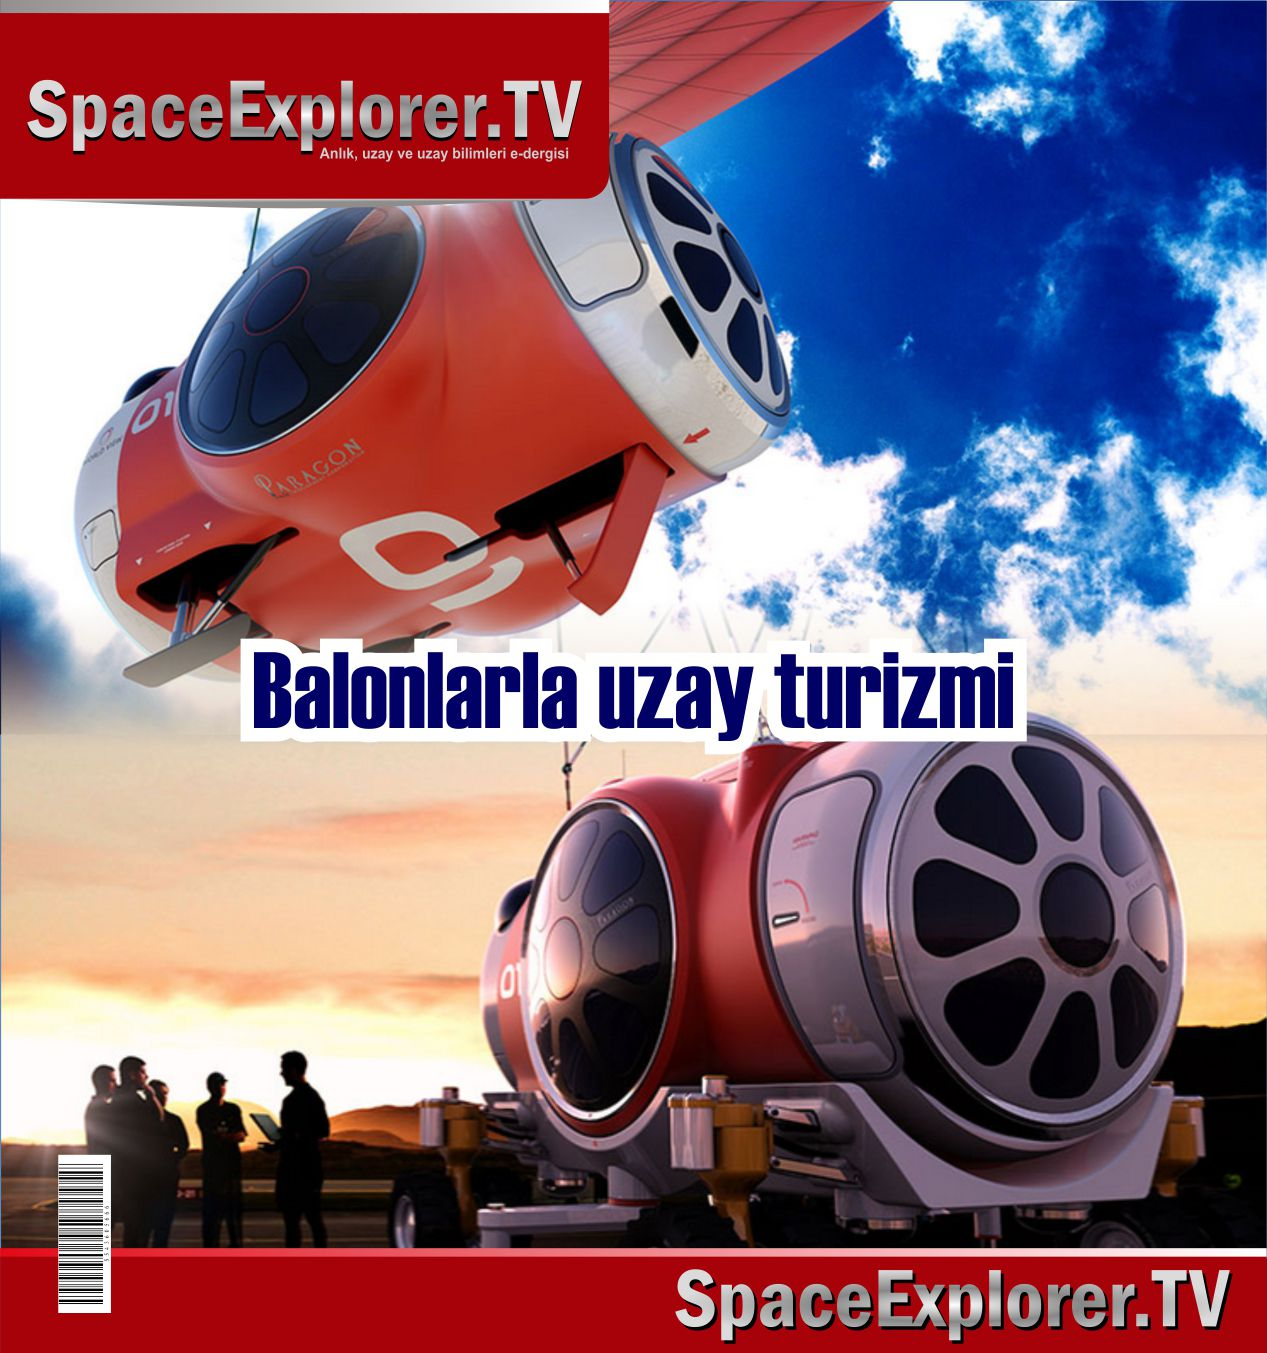 Uzay turizmi, Dev yolcu balonları, Helyum balonları, Paraşütler, Videolar, Yeni keşifler, New Mexico, Space Explorer,